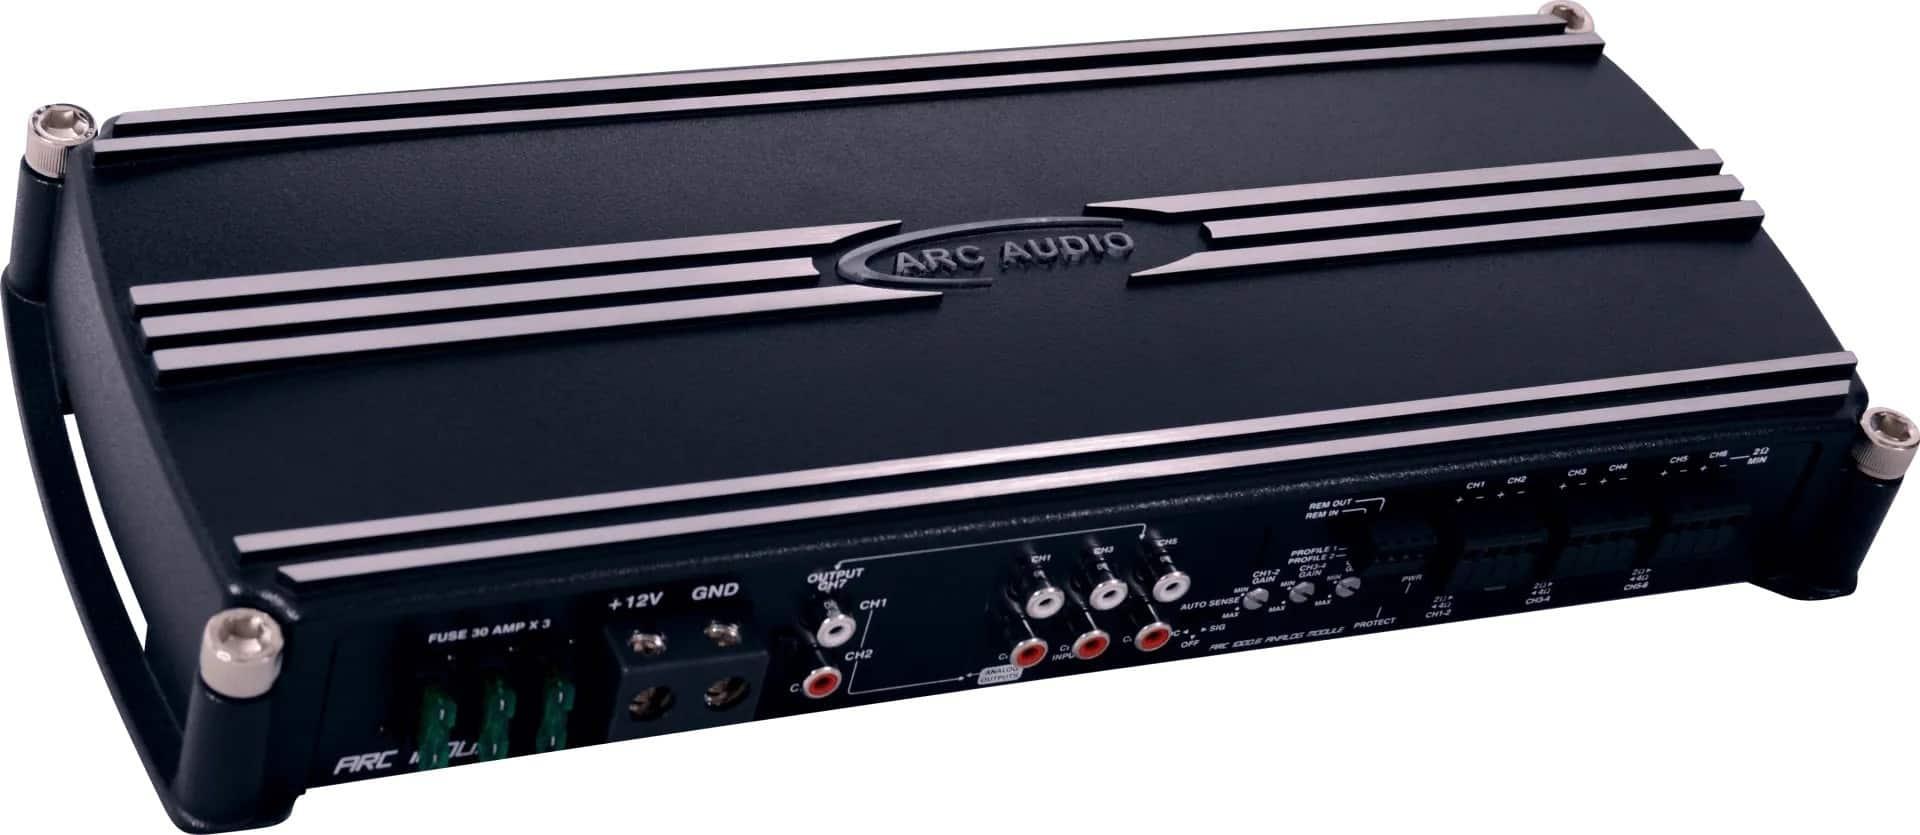 ARC+10006+Analog-1920w